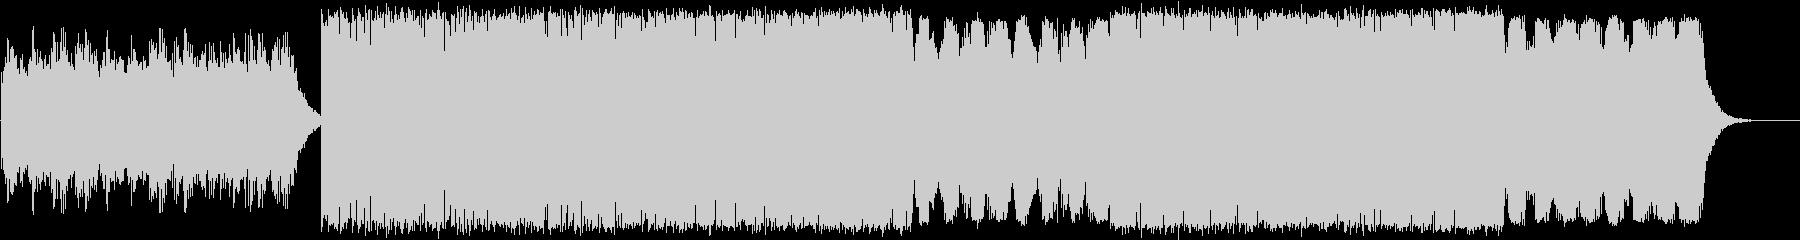 チェロとピアノの神秘的なテクスチャーの未再生の波形